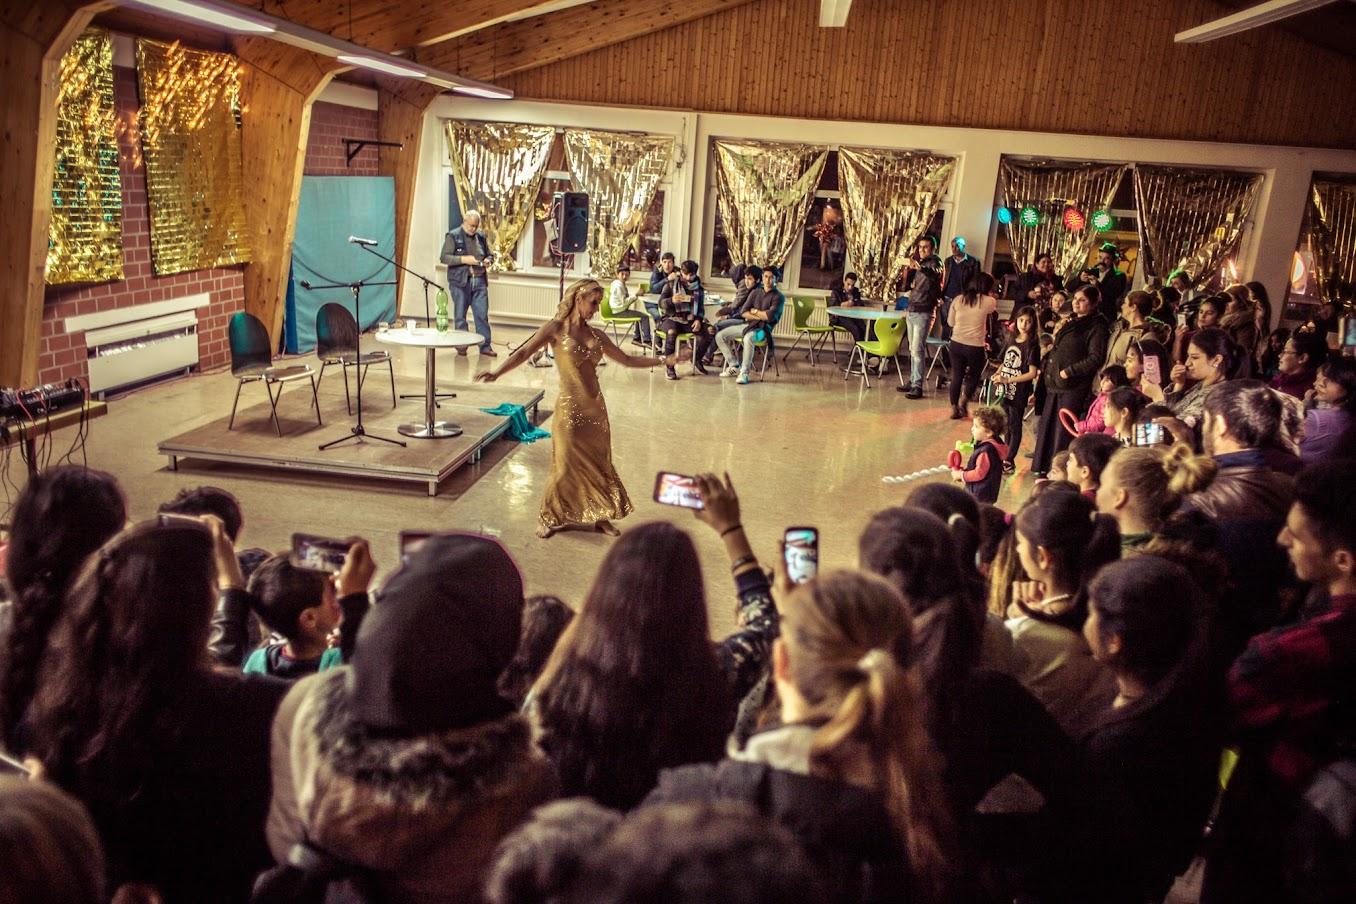 Ausländer-Fest in Osterholz-Scharmbeck